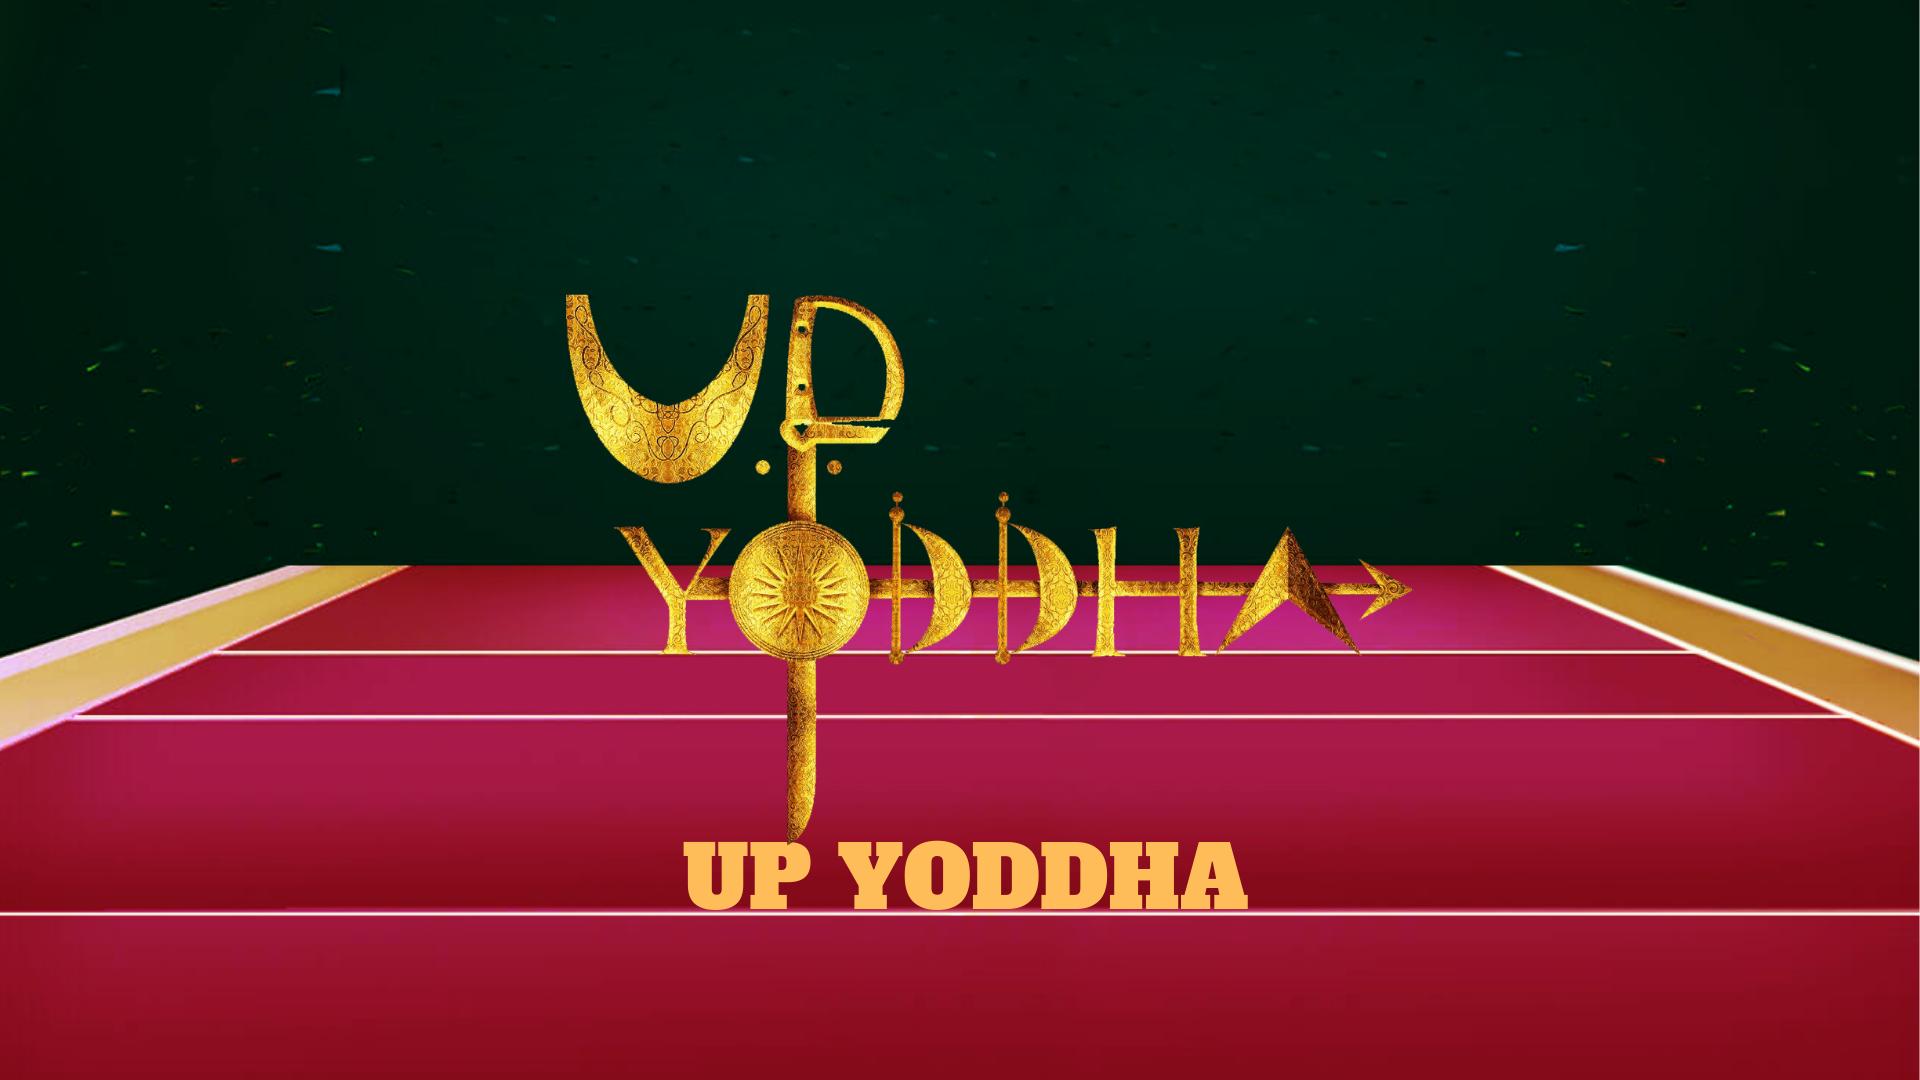 UP Yoddha